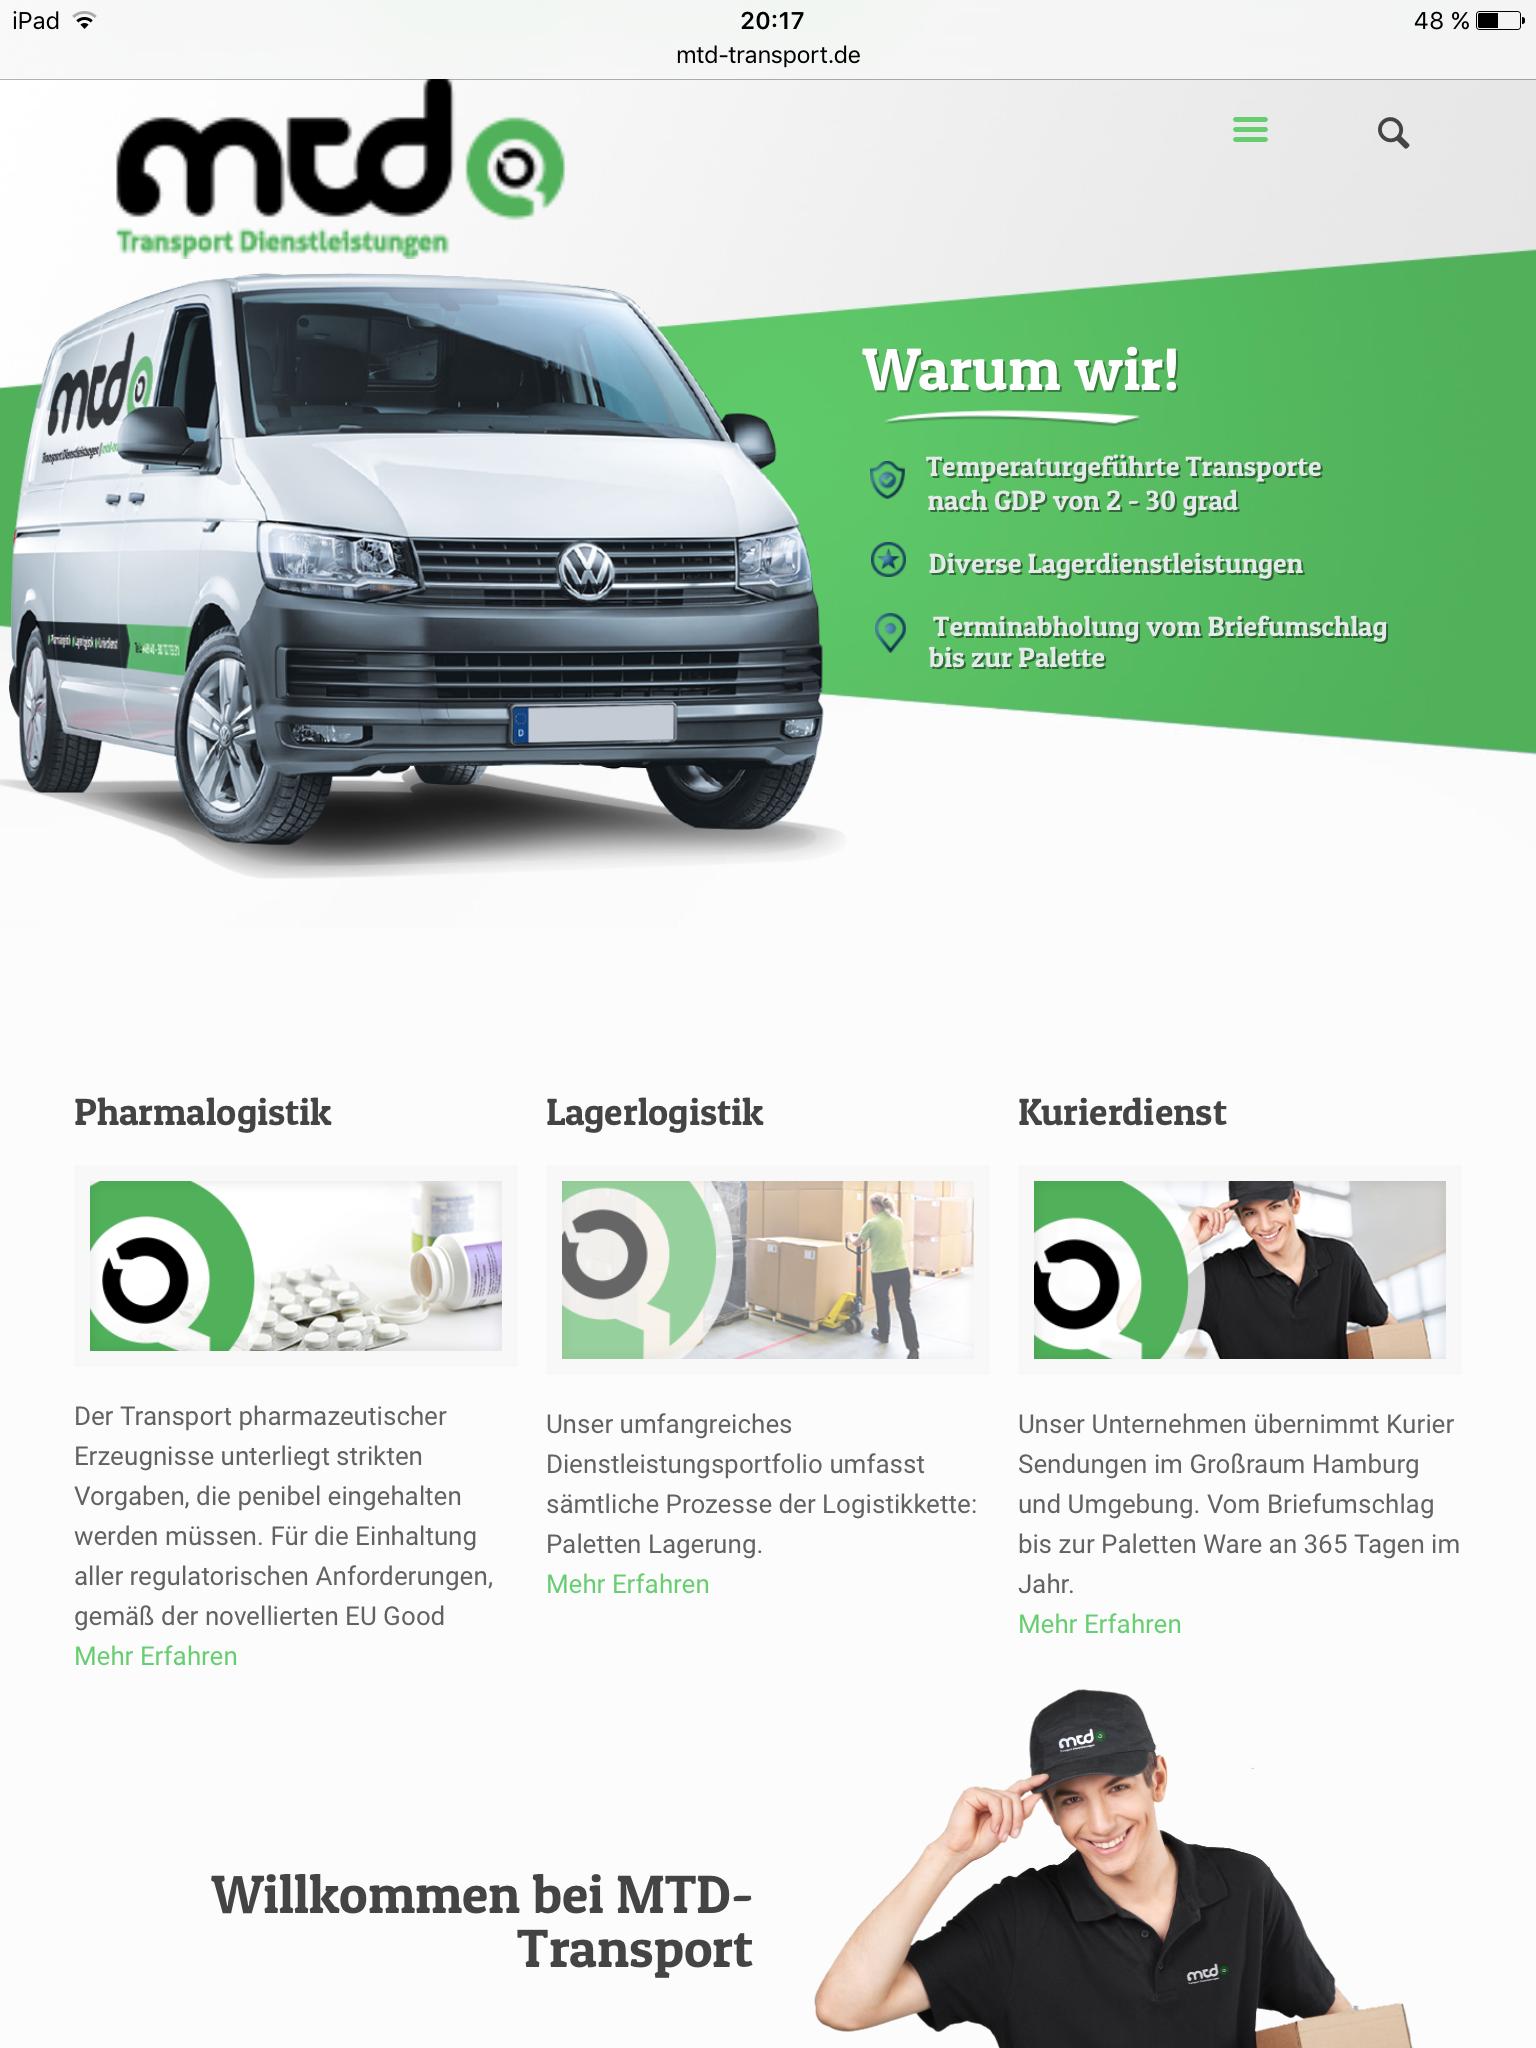 MTD Transport Dienstleistungen